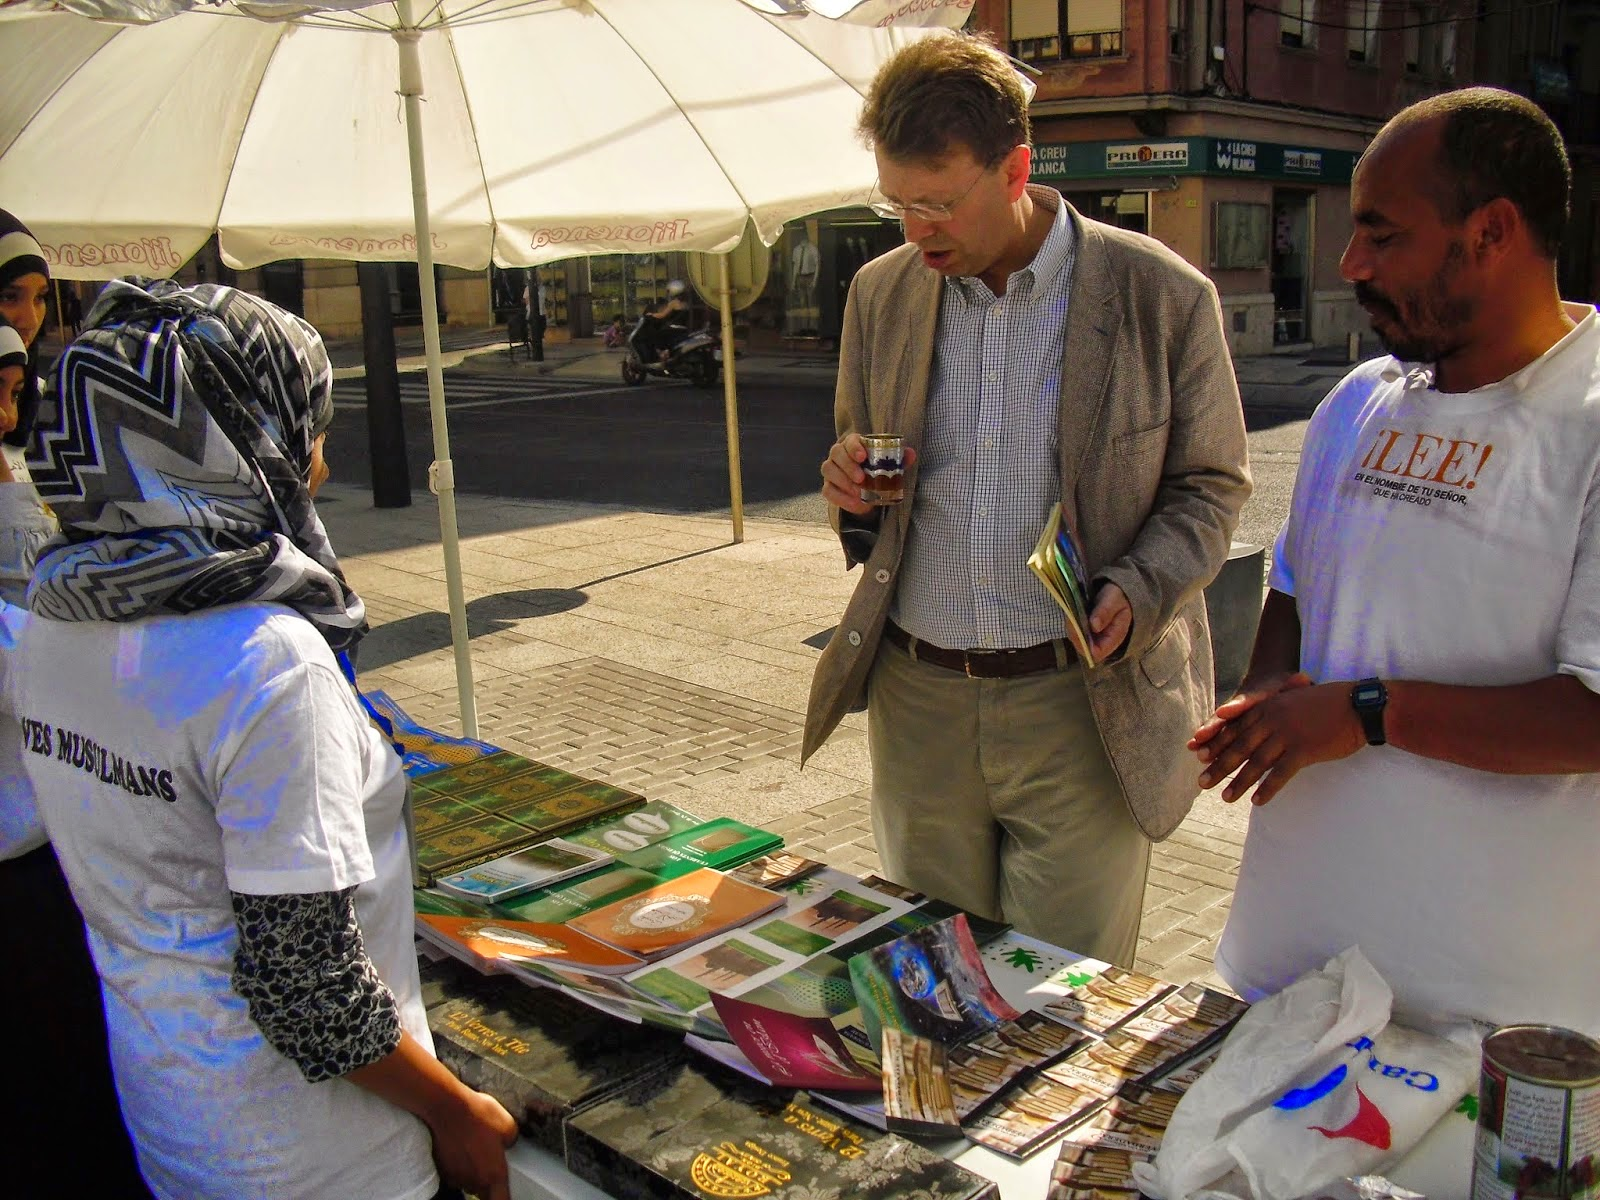 Los Jóvenes musulmanes de Tortosa y Roquetes organizan una exposición sobre la cultura islámica en la ciudad de Tortosa